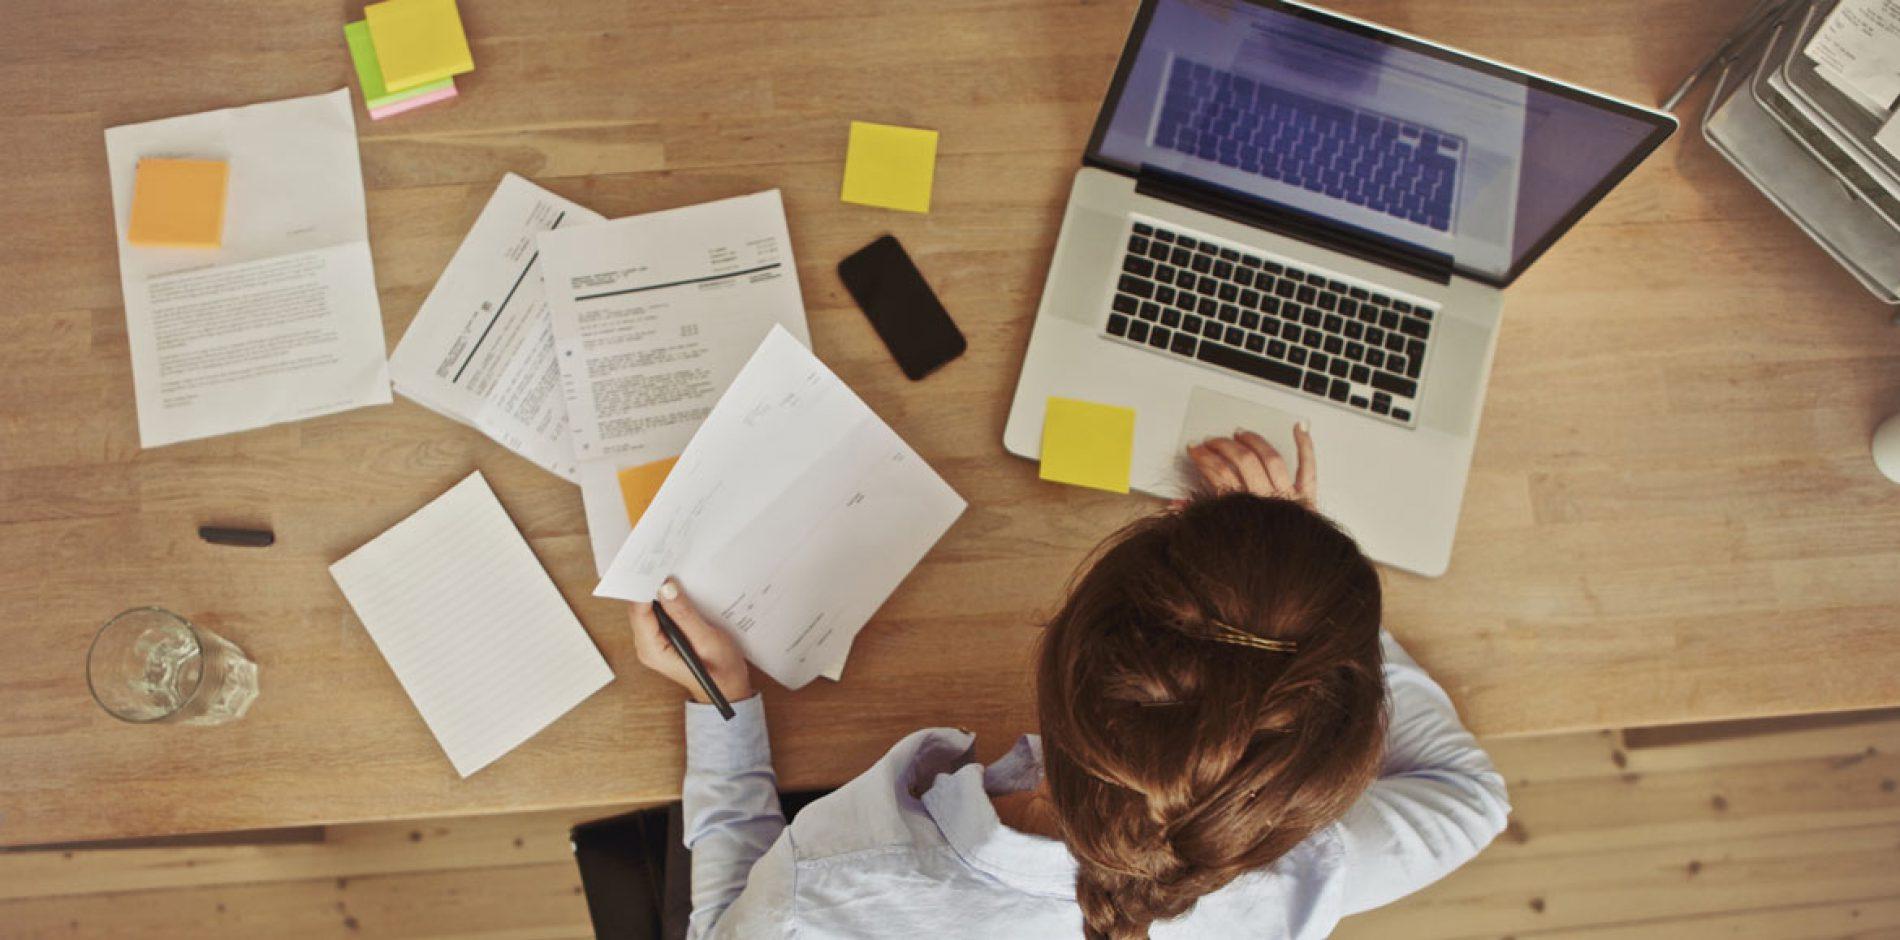 Pubblicata in Gazzetta Ufficiale la definizione di offerta di lavoro congrua